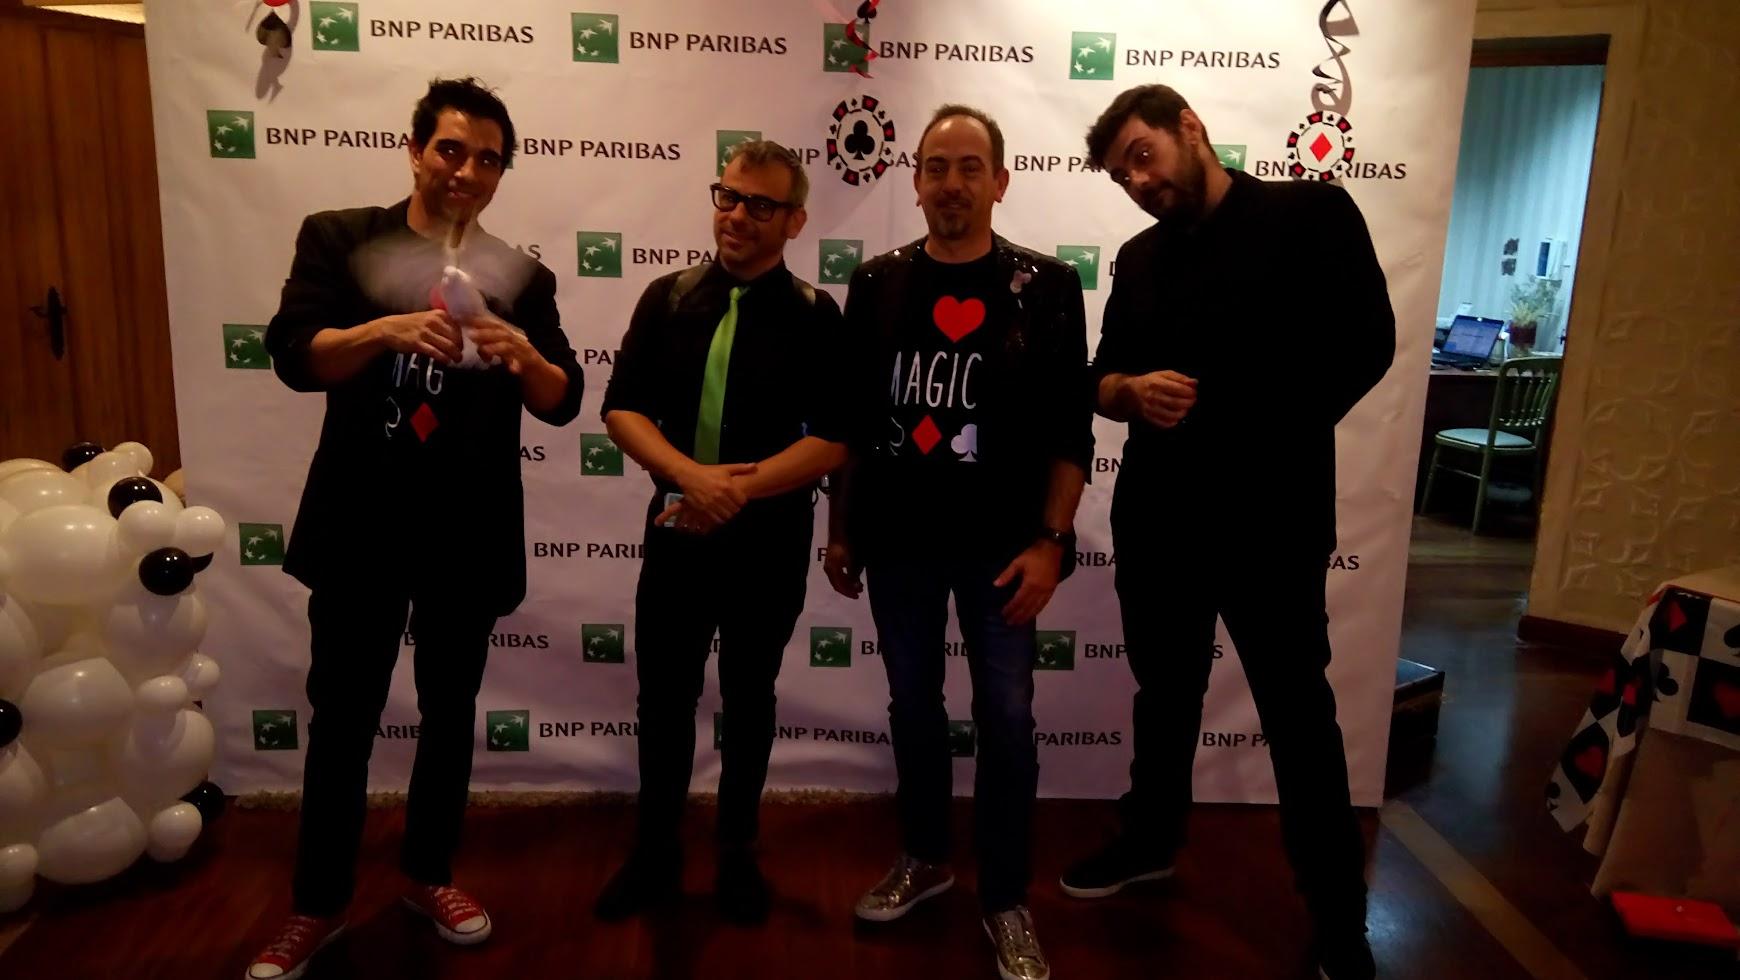 4 ilusionistas en evento de empresa en Madrid Bnp Paribas